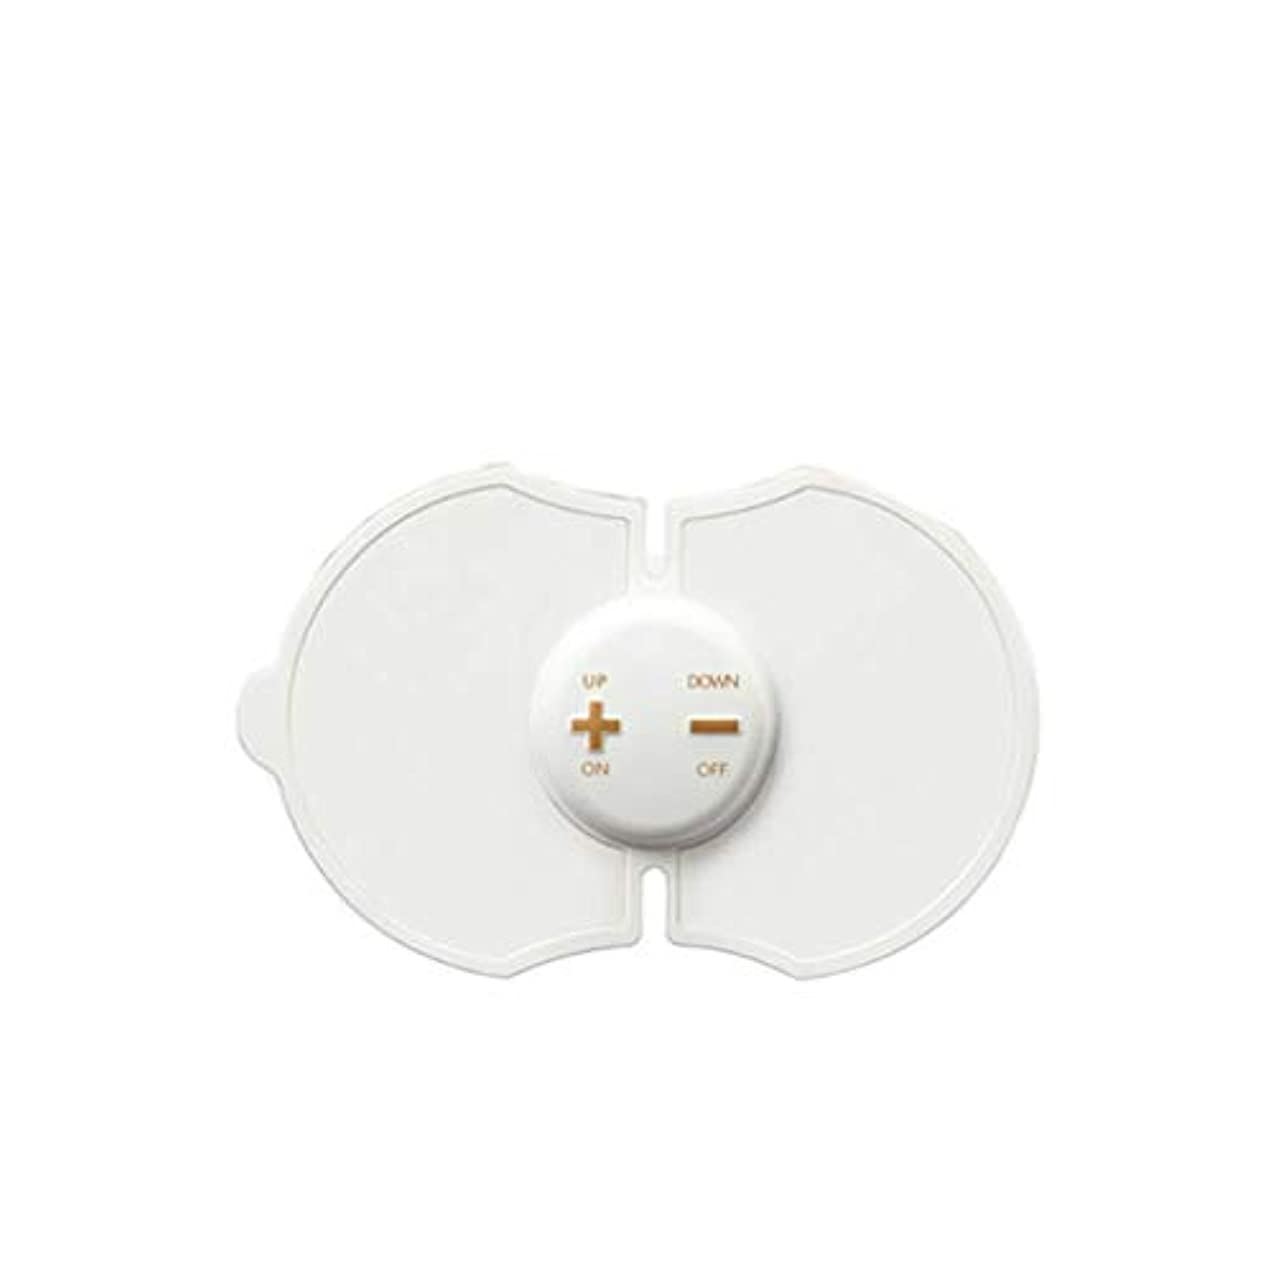 合計藤色ピークマッサージャー、ポータブルミニネック|ショルダーマッサージャー、USB充電式電動ディープマッサージツール、マッスルリラクゼーションにより、ホームオフィスの痛みを軽減